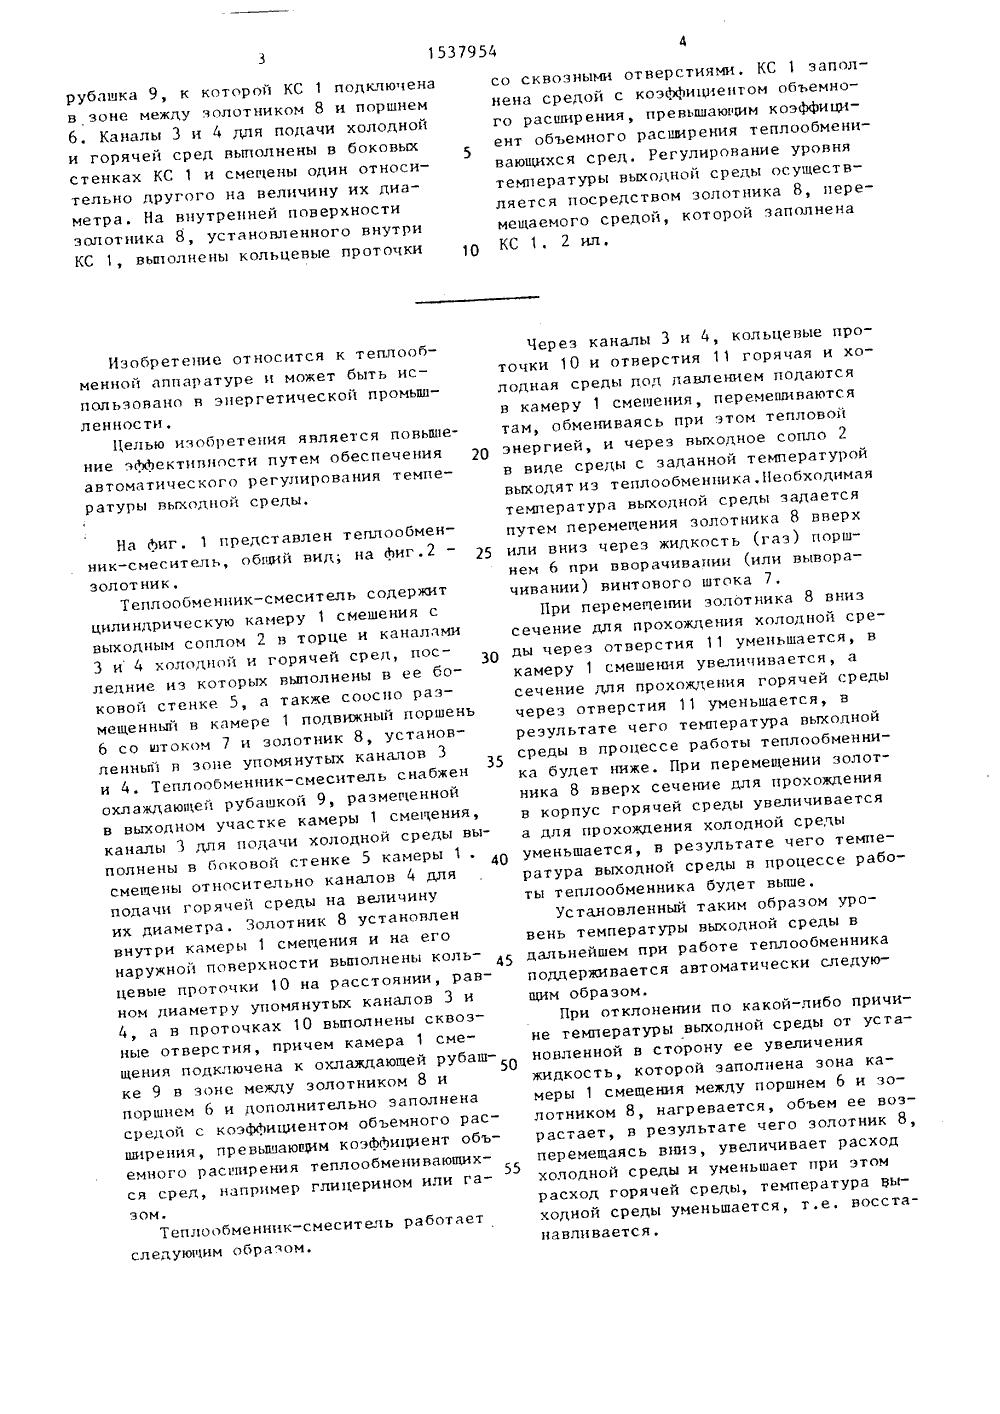 Теплообменник смеситель STEELTEX ZINC - Промывка теплообменников Одинцово